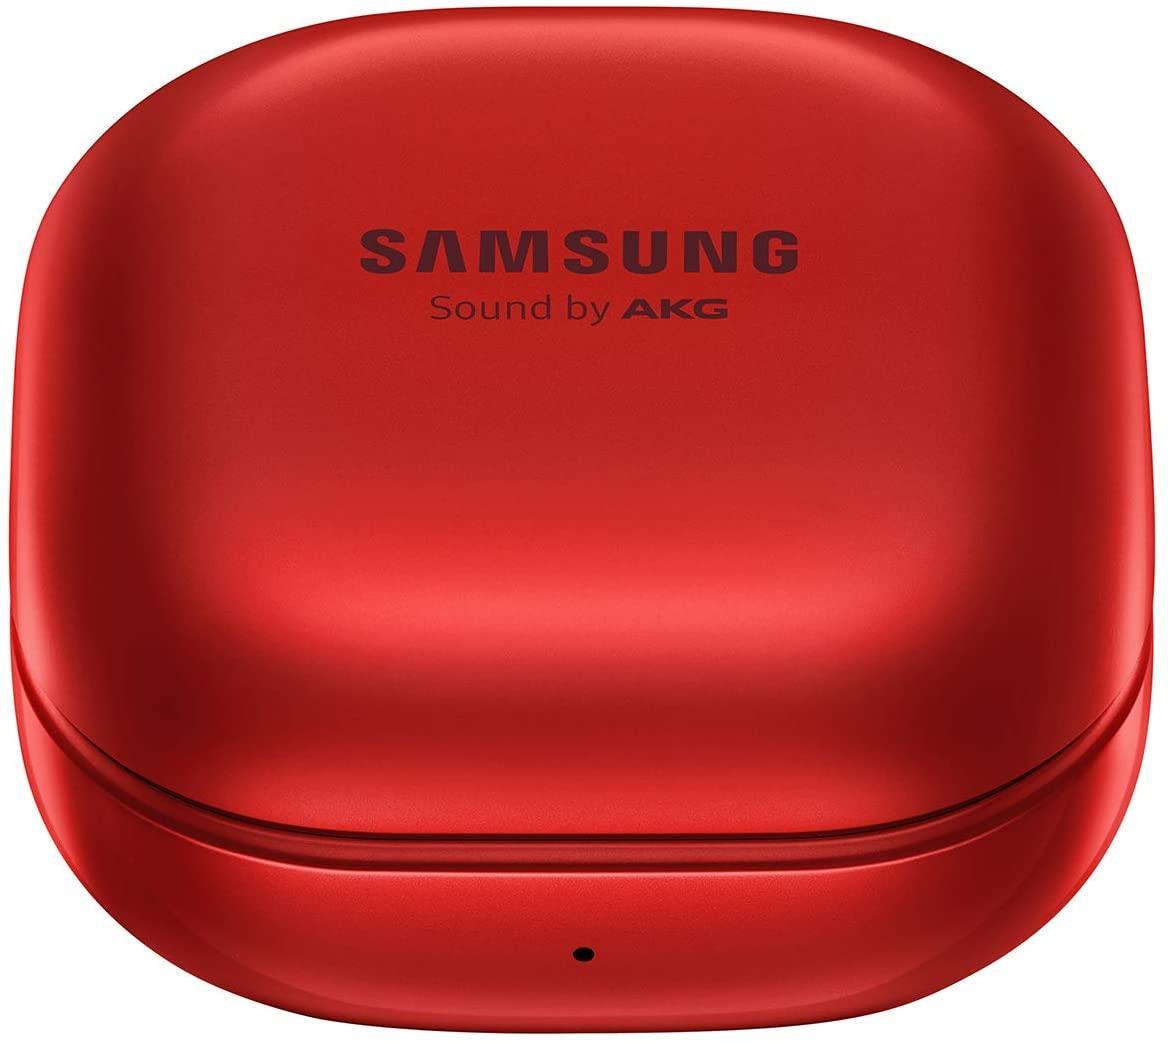 Amsung Galaxy Otobüsler Canlı Elektronik Kulaklık Kablosuz Bluetooth Kulaklık Gürültü Azaltma (ANC) Rahat ve Dayanıklı Pil Kırmızı